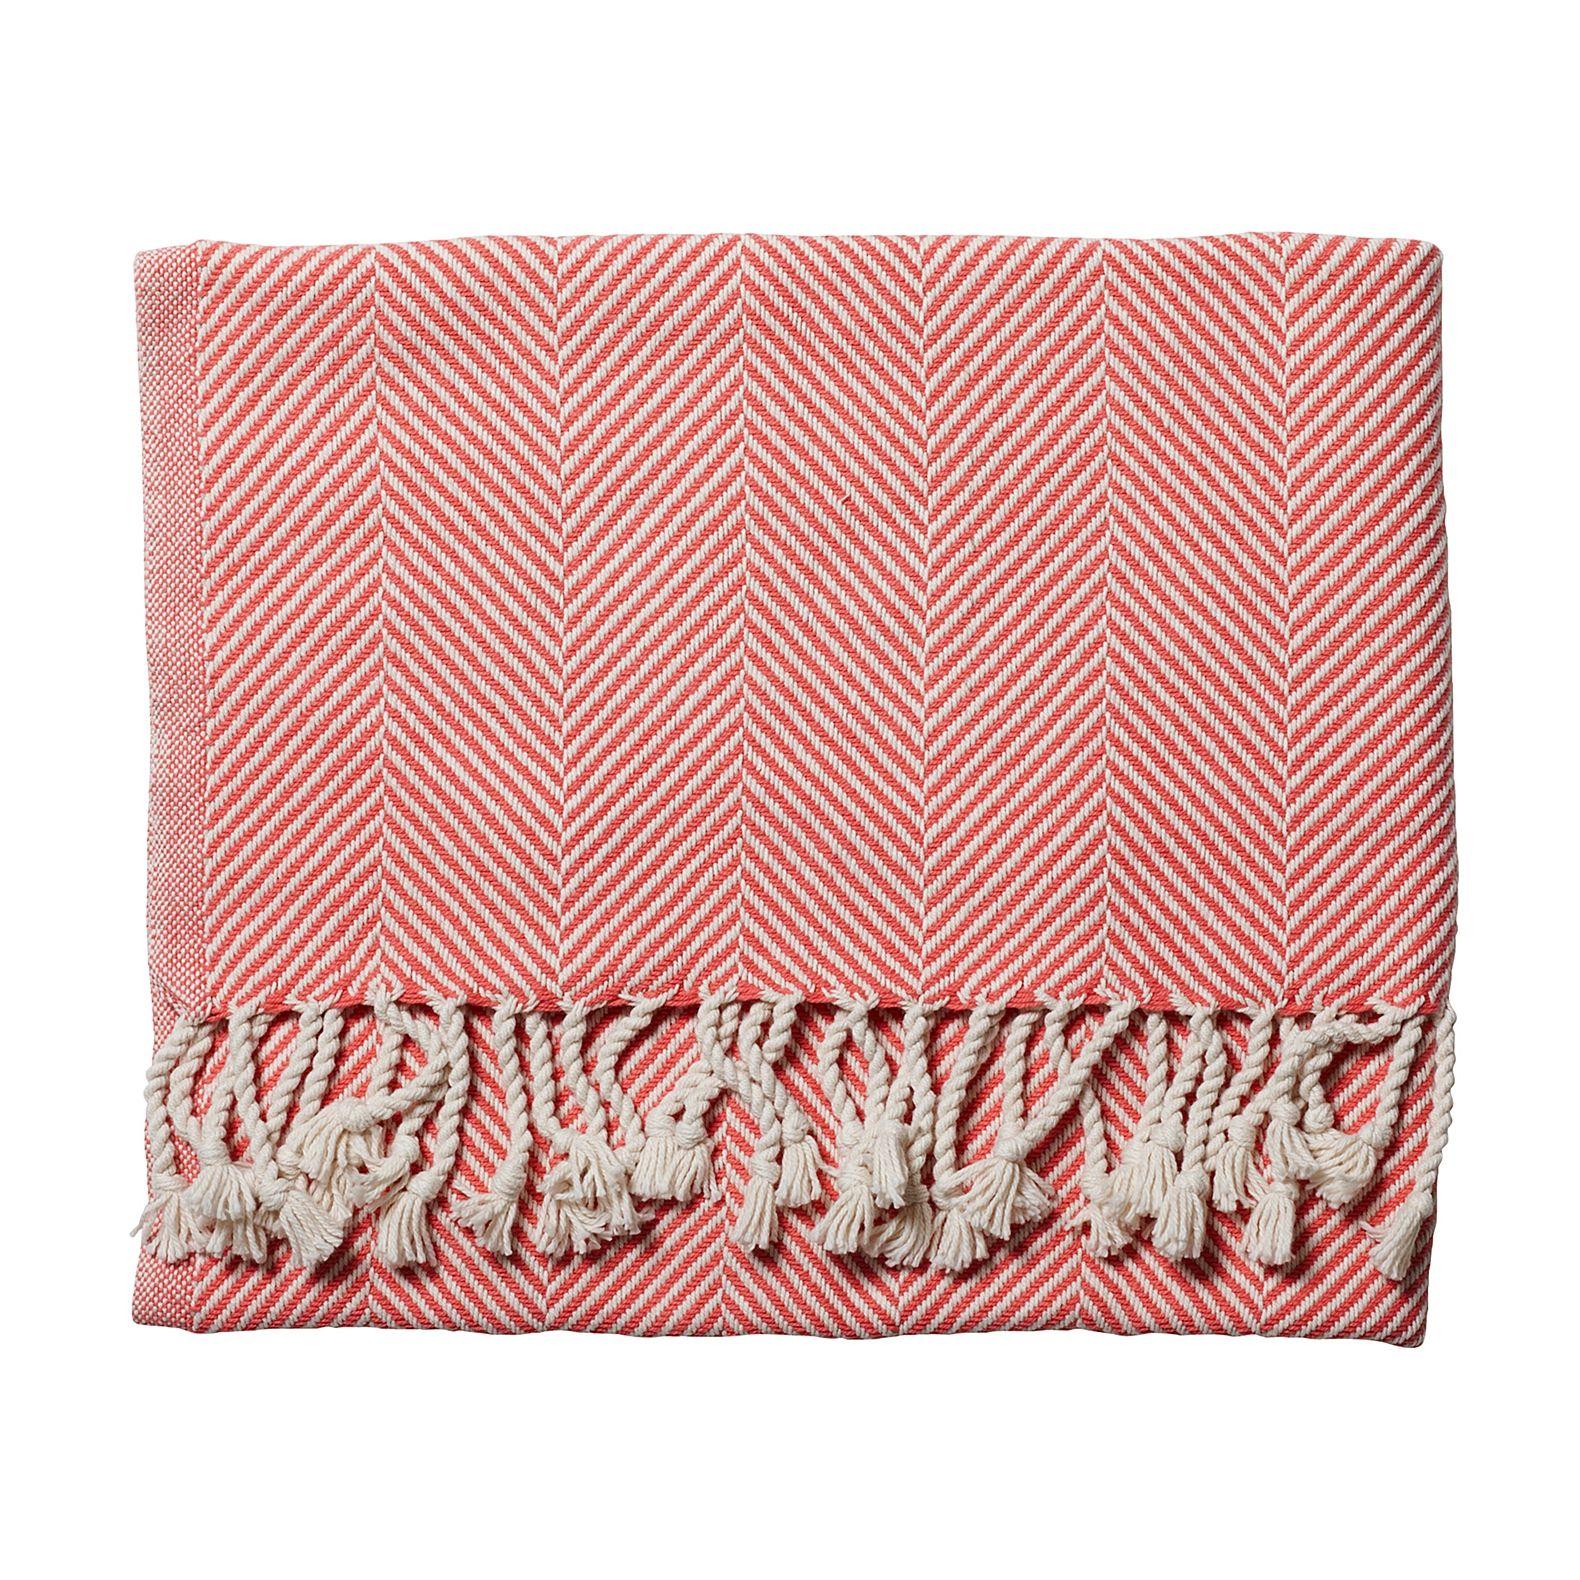 Herringbone Throw – Coral